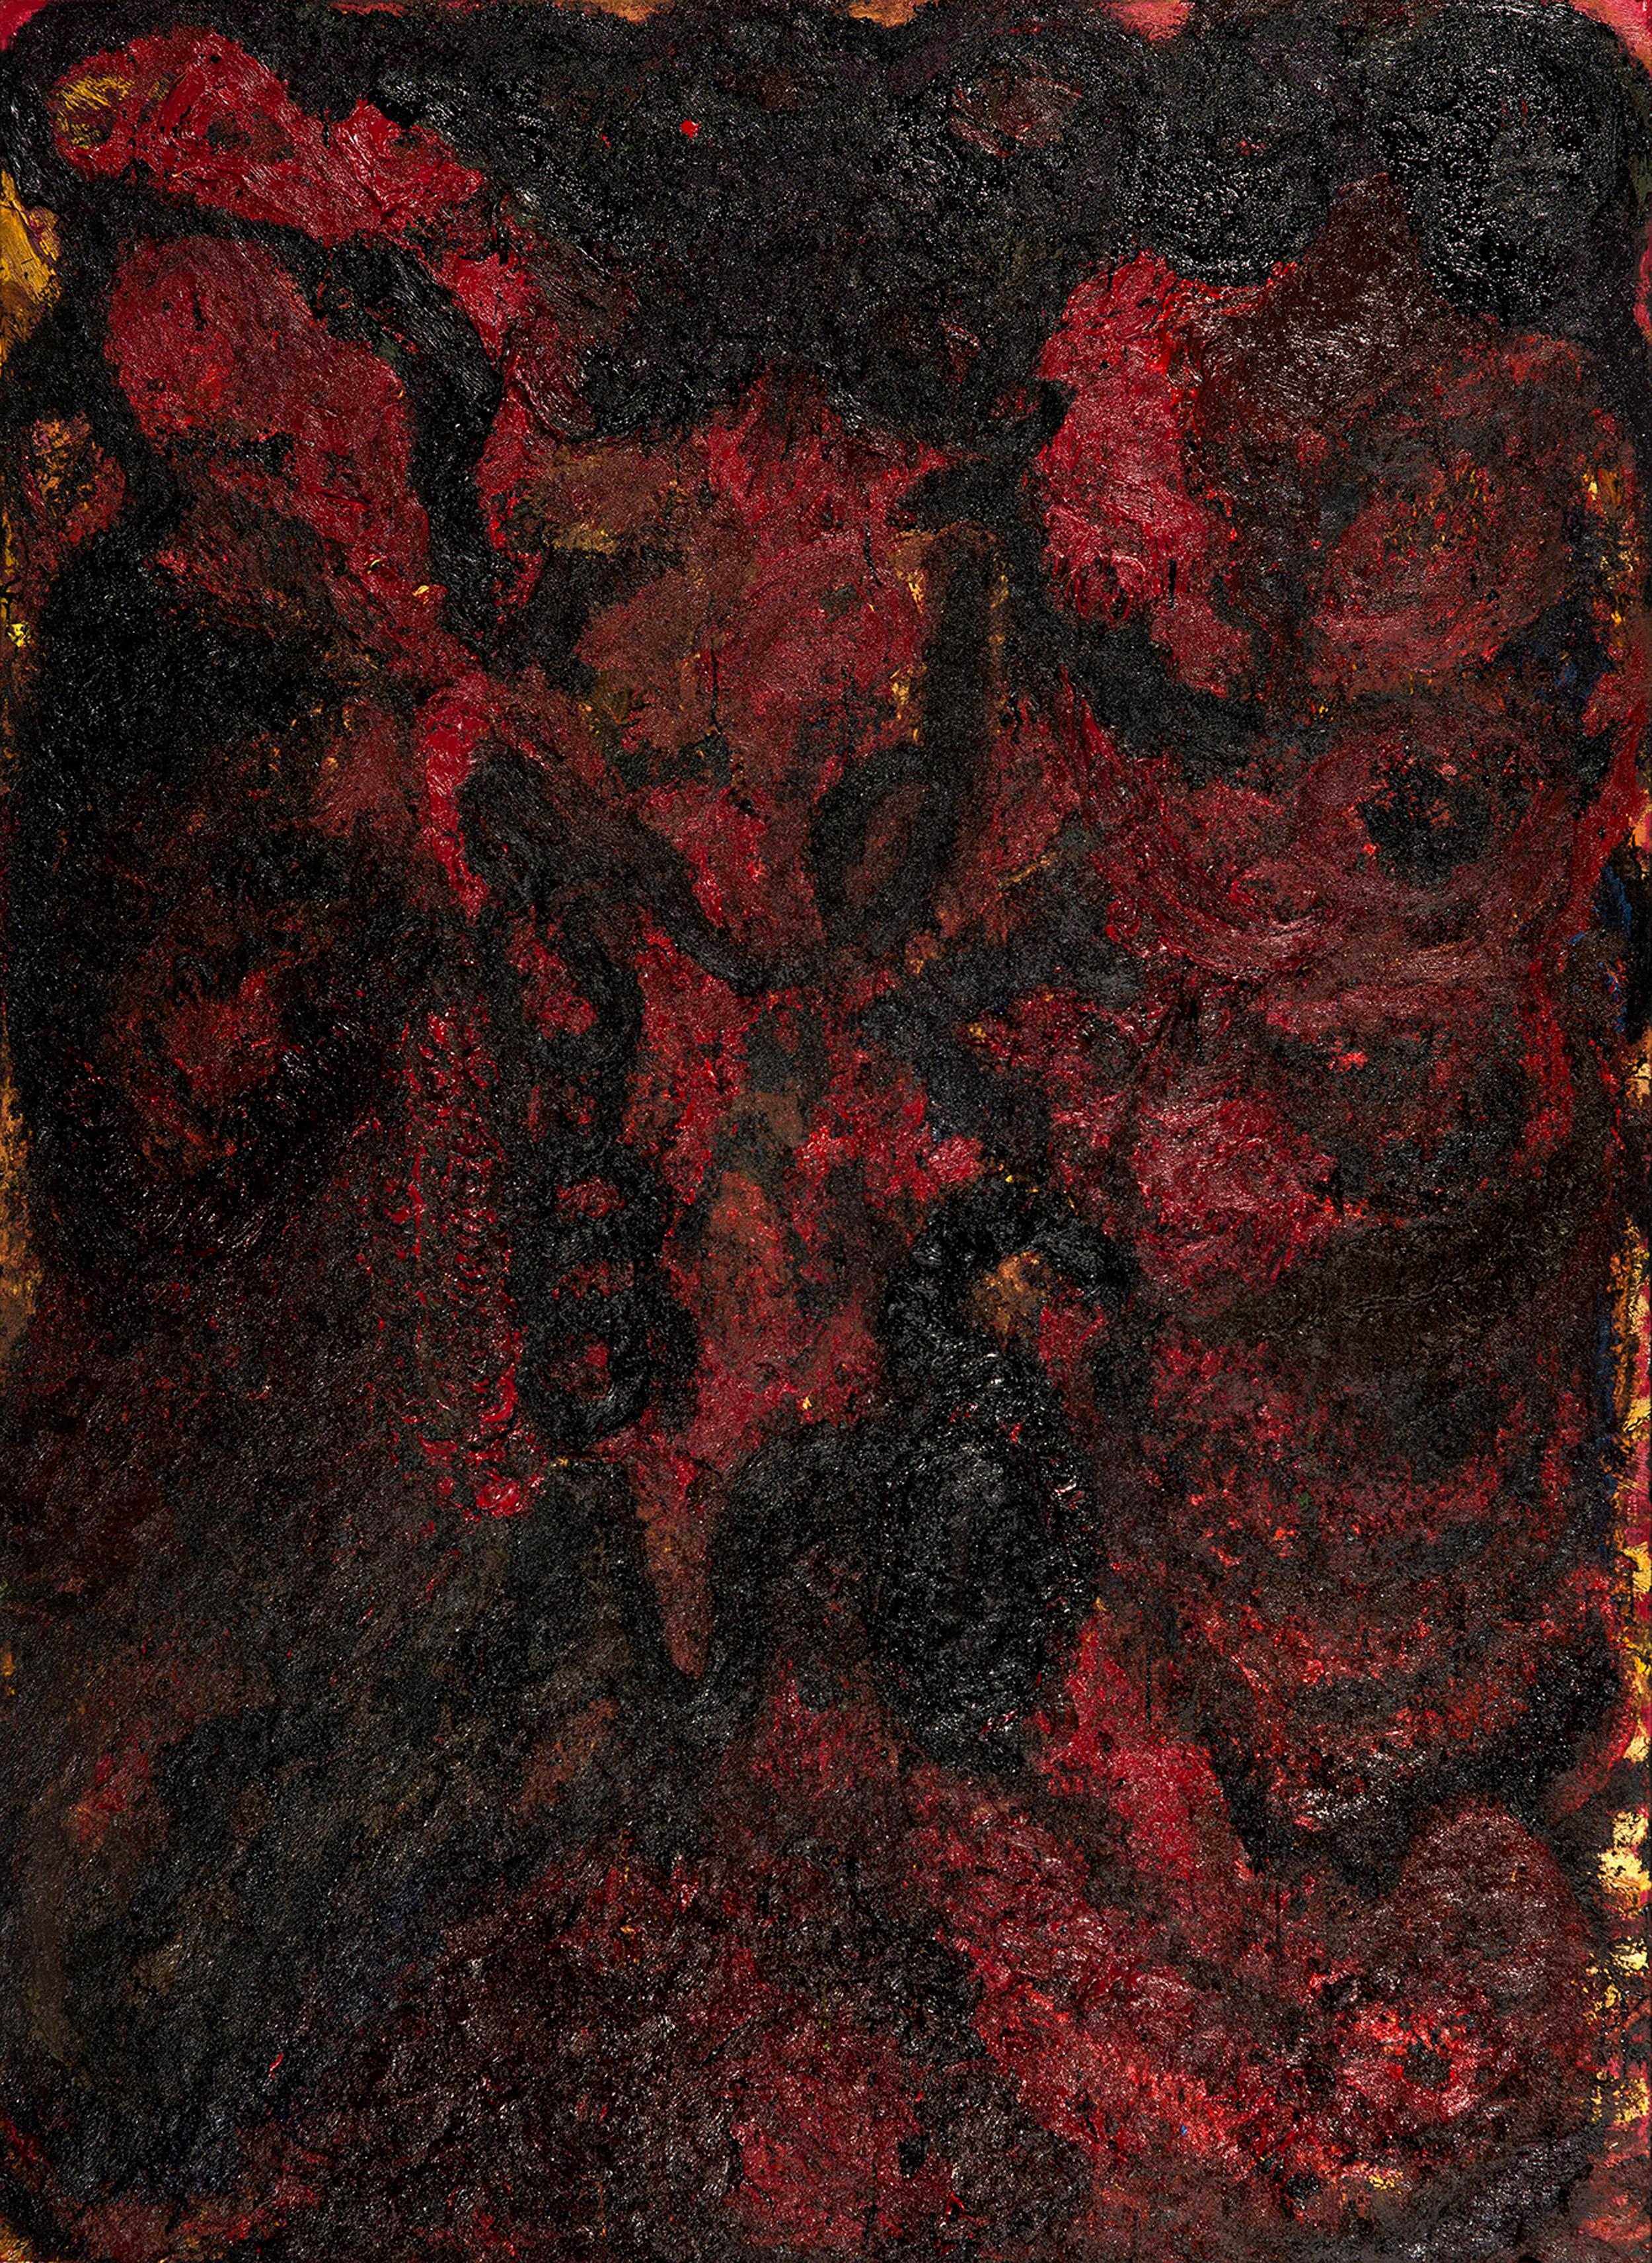 Vortex, 2015 Mixed media 280 x 210 cm